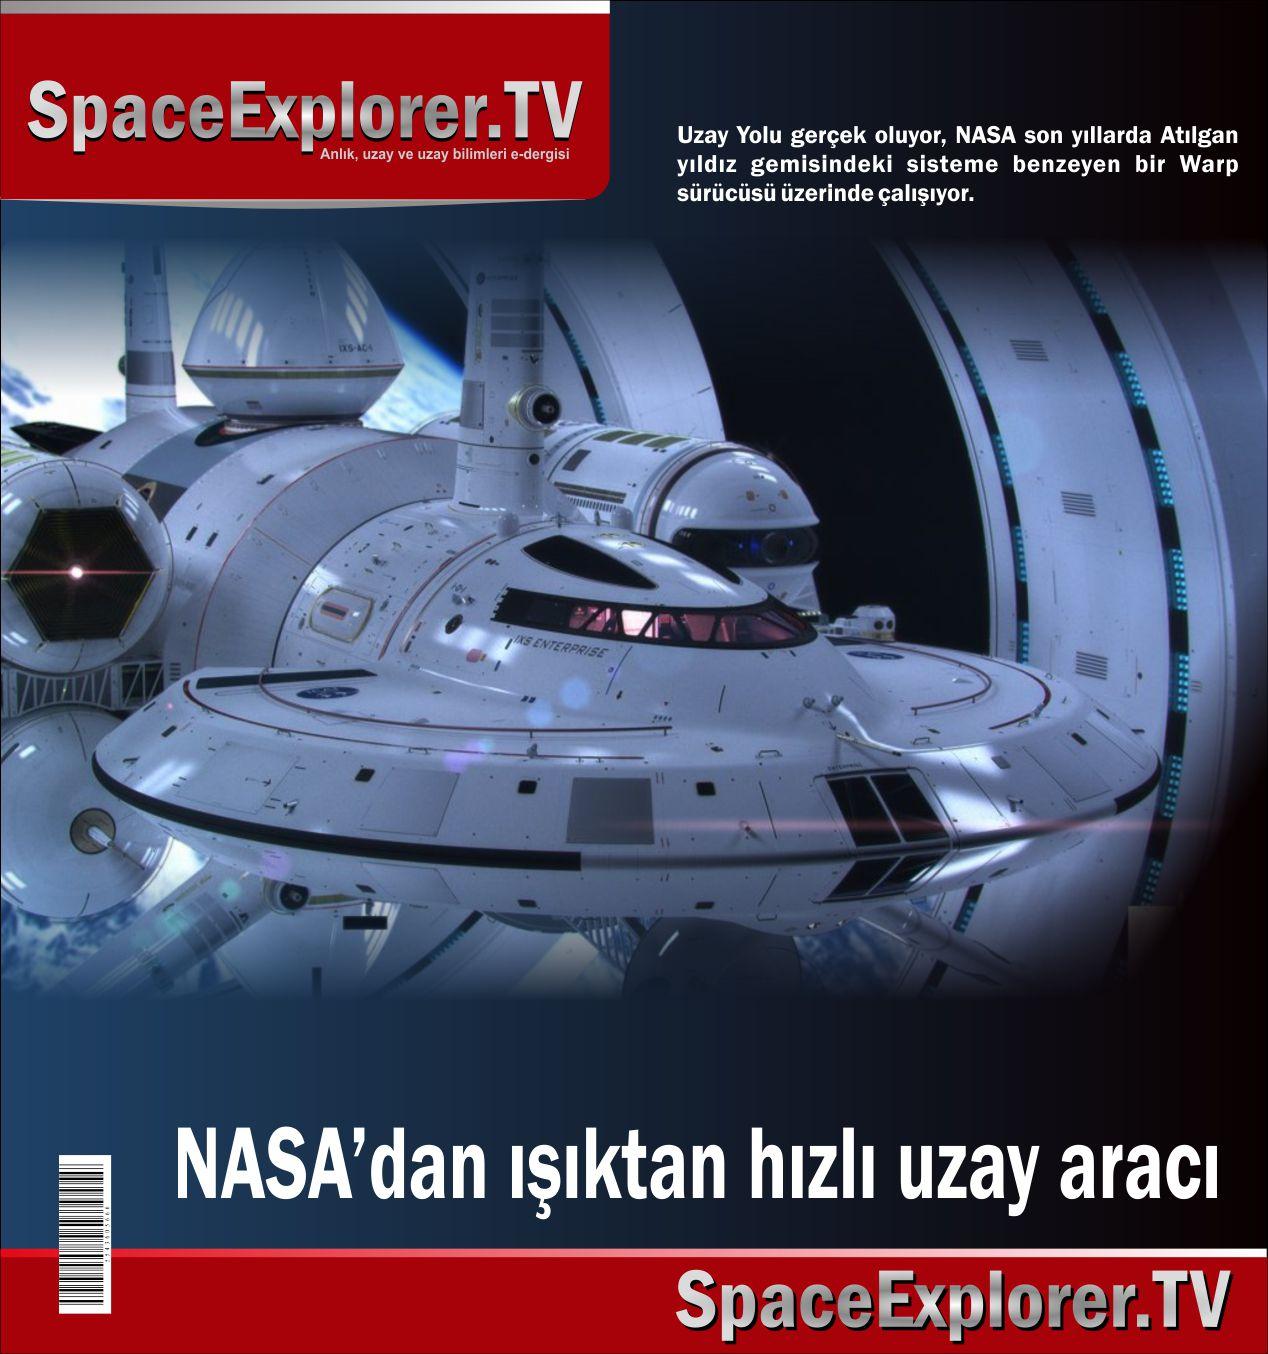 Warp motorları, Işık hızı, Işıktan hızlı yolculuk, Albert Einstein, NASA, Uzay yolu, Kuantum fiziği, Solucan delikleri, Karanlık Madde, Kara delik, Antimadde, Videolar,